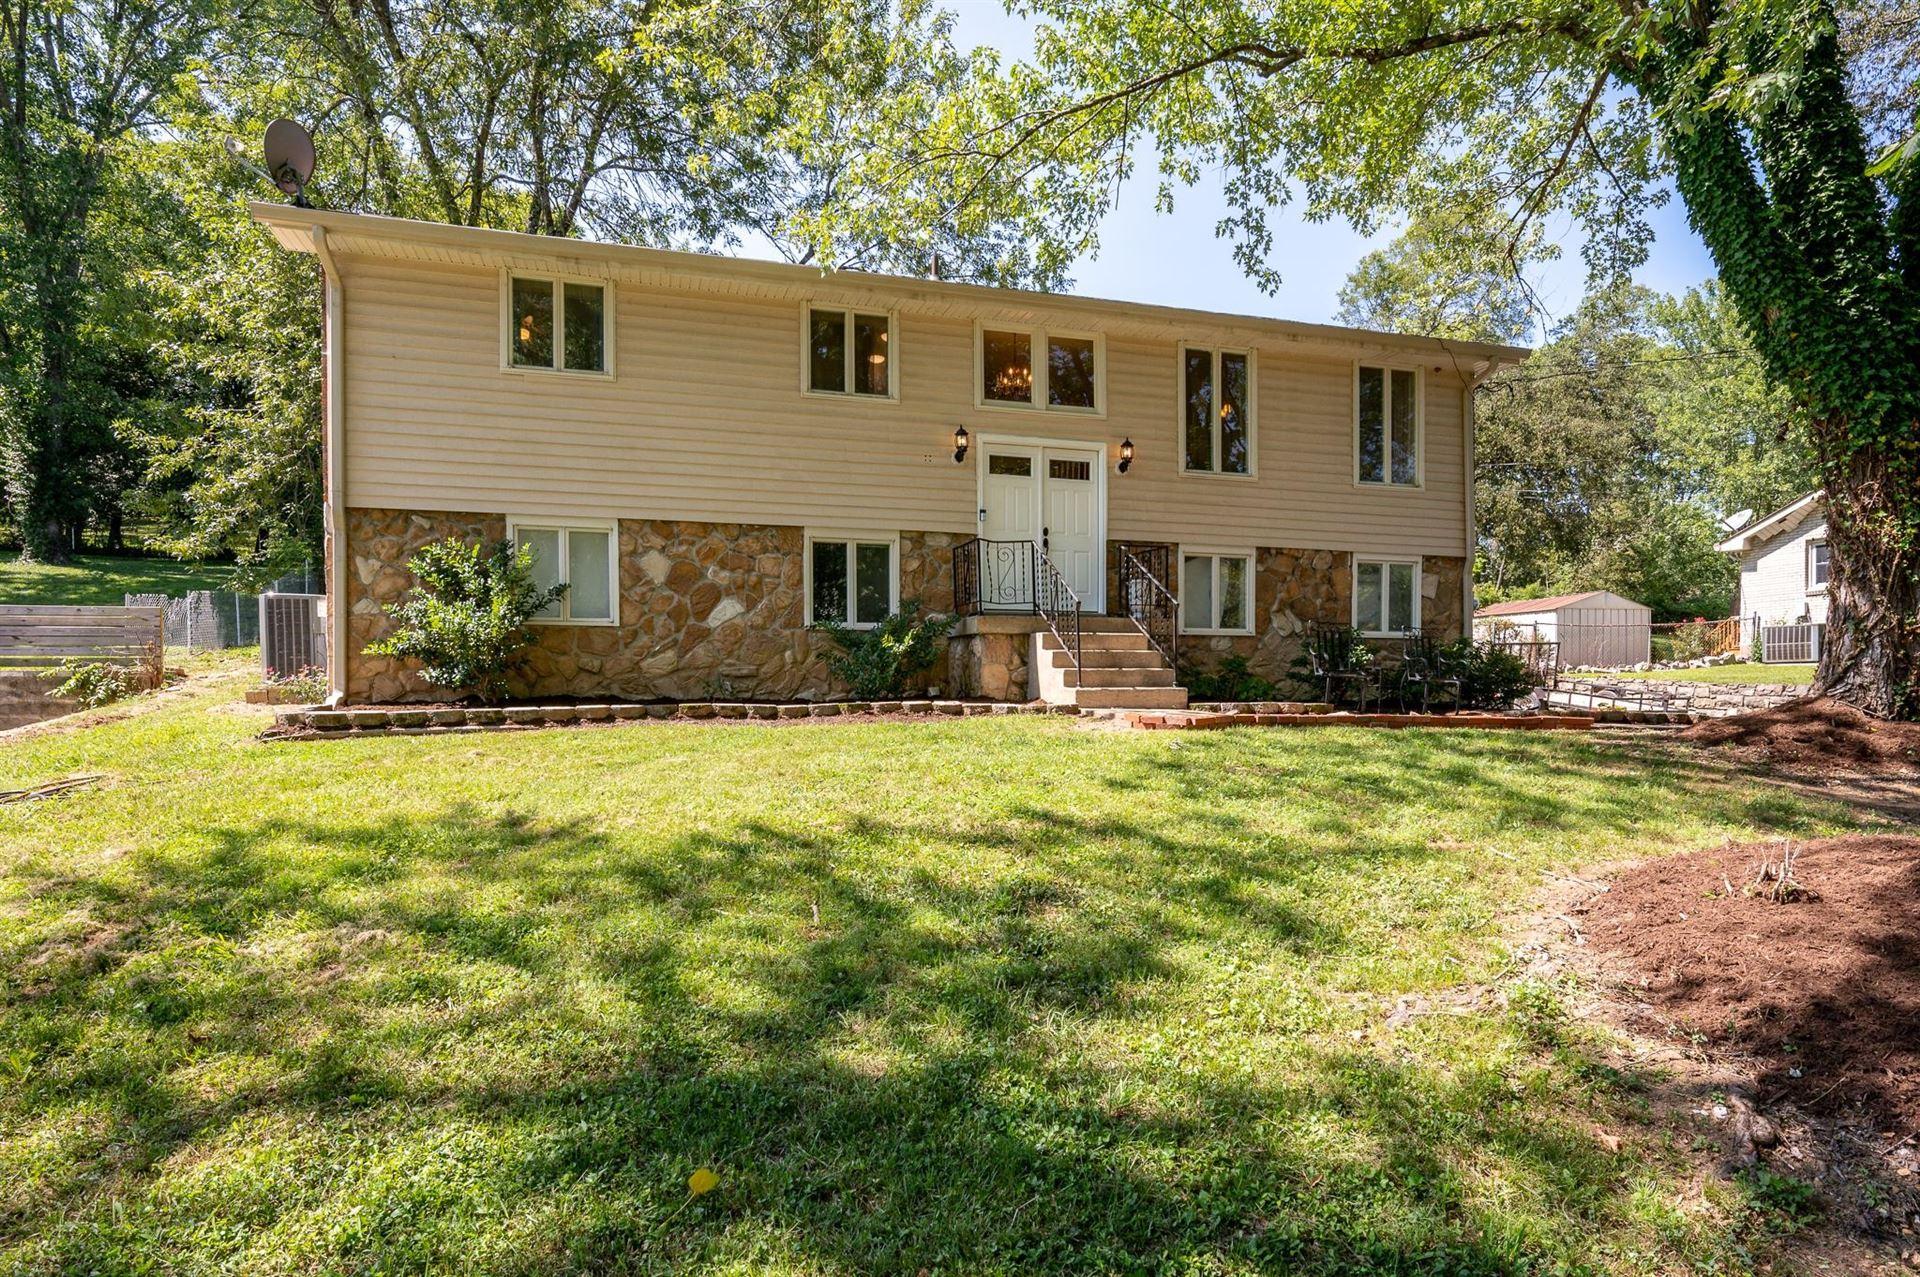 123 Lakeside Park Dr, Hendersonville, TN 37075 - MLS#: 2290000